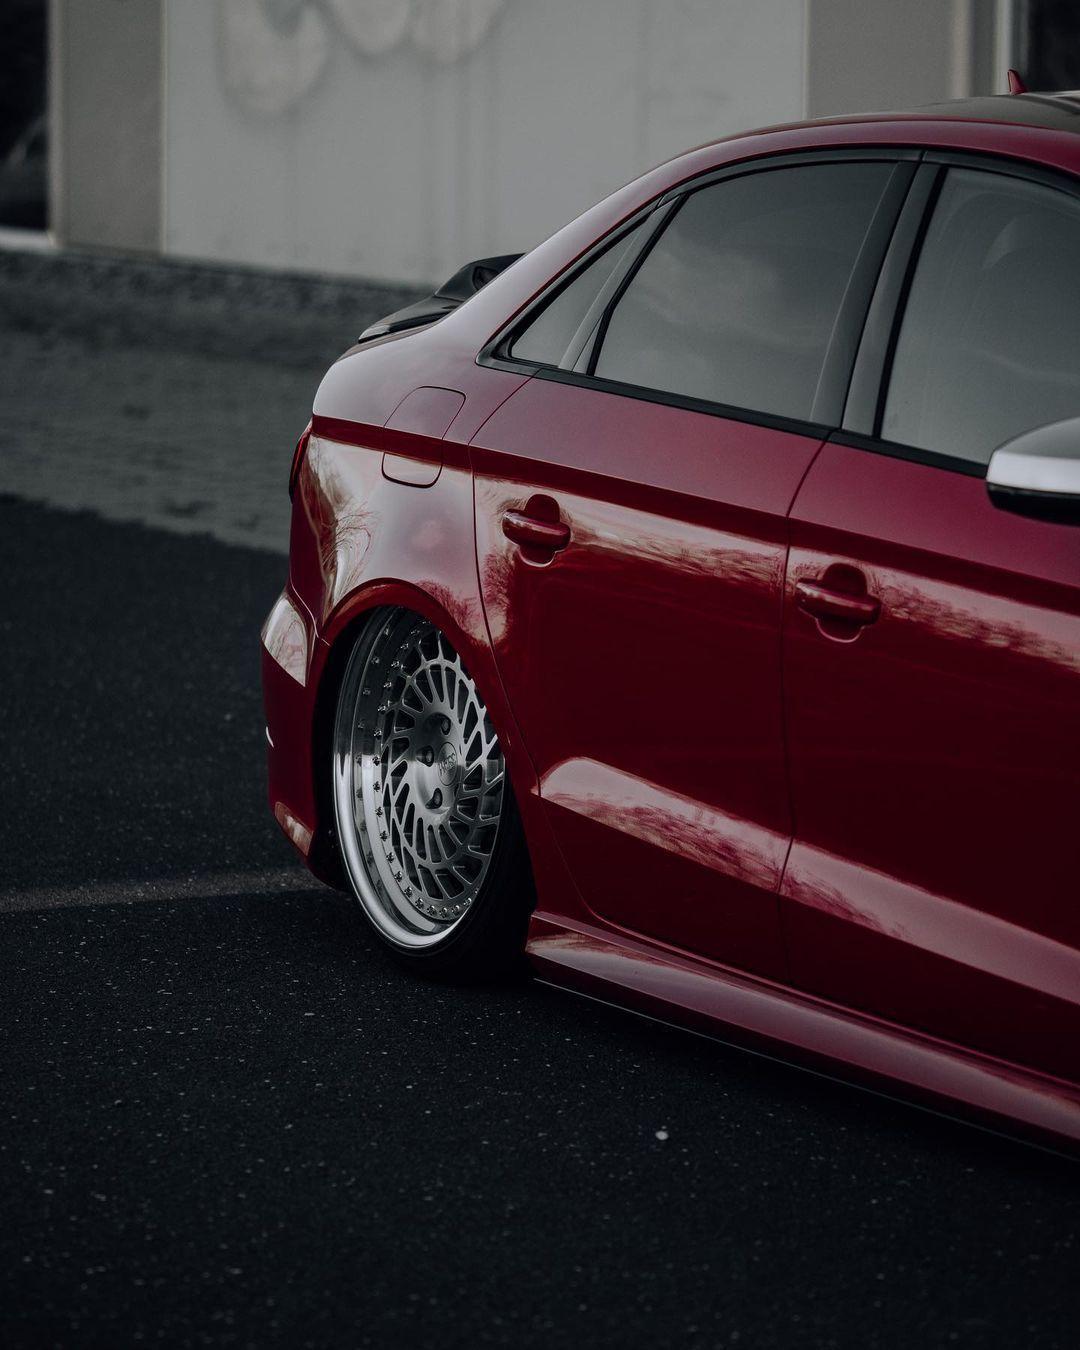 3SDM 3.19 x Audi Quattro⠀